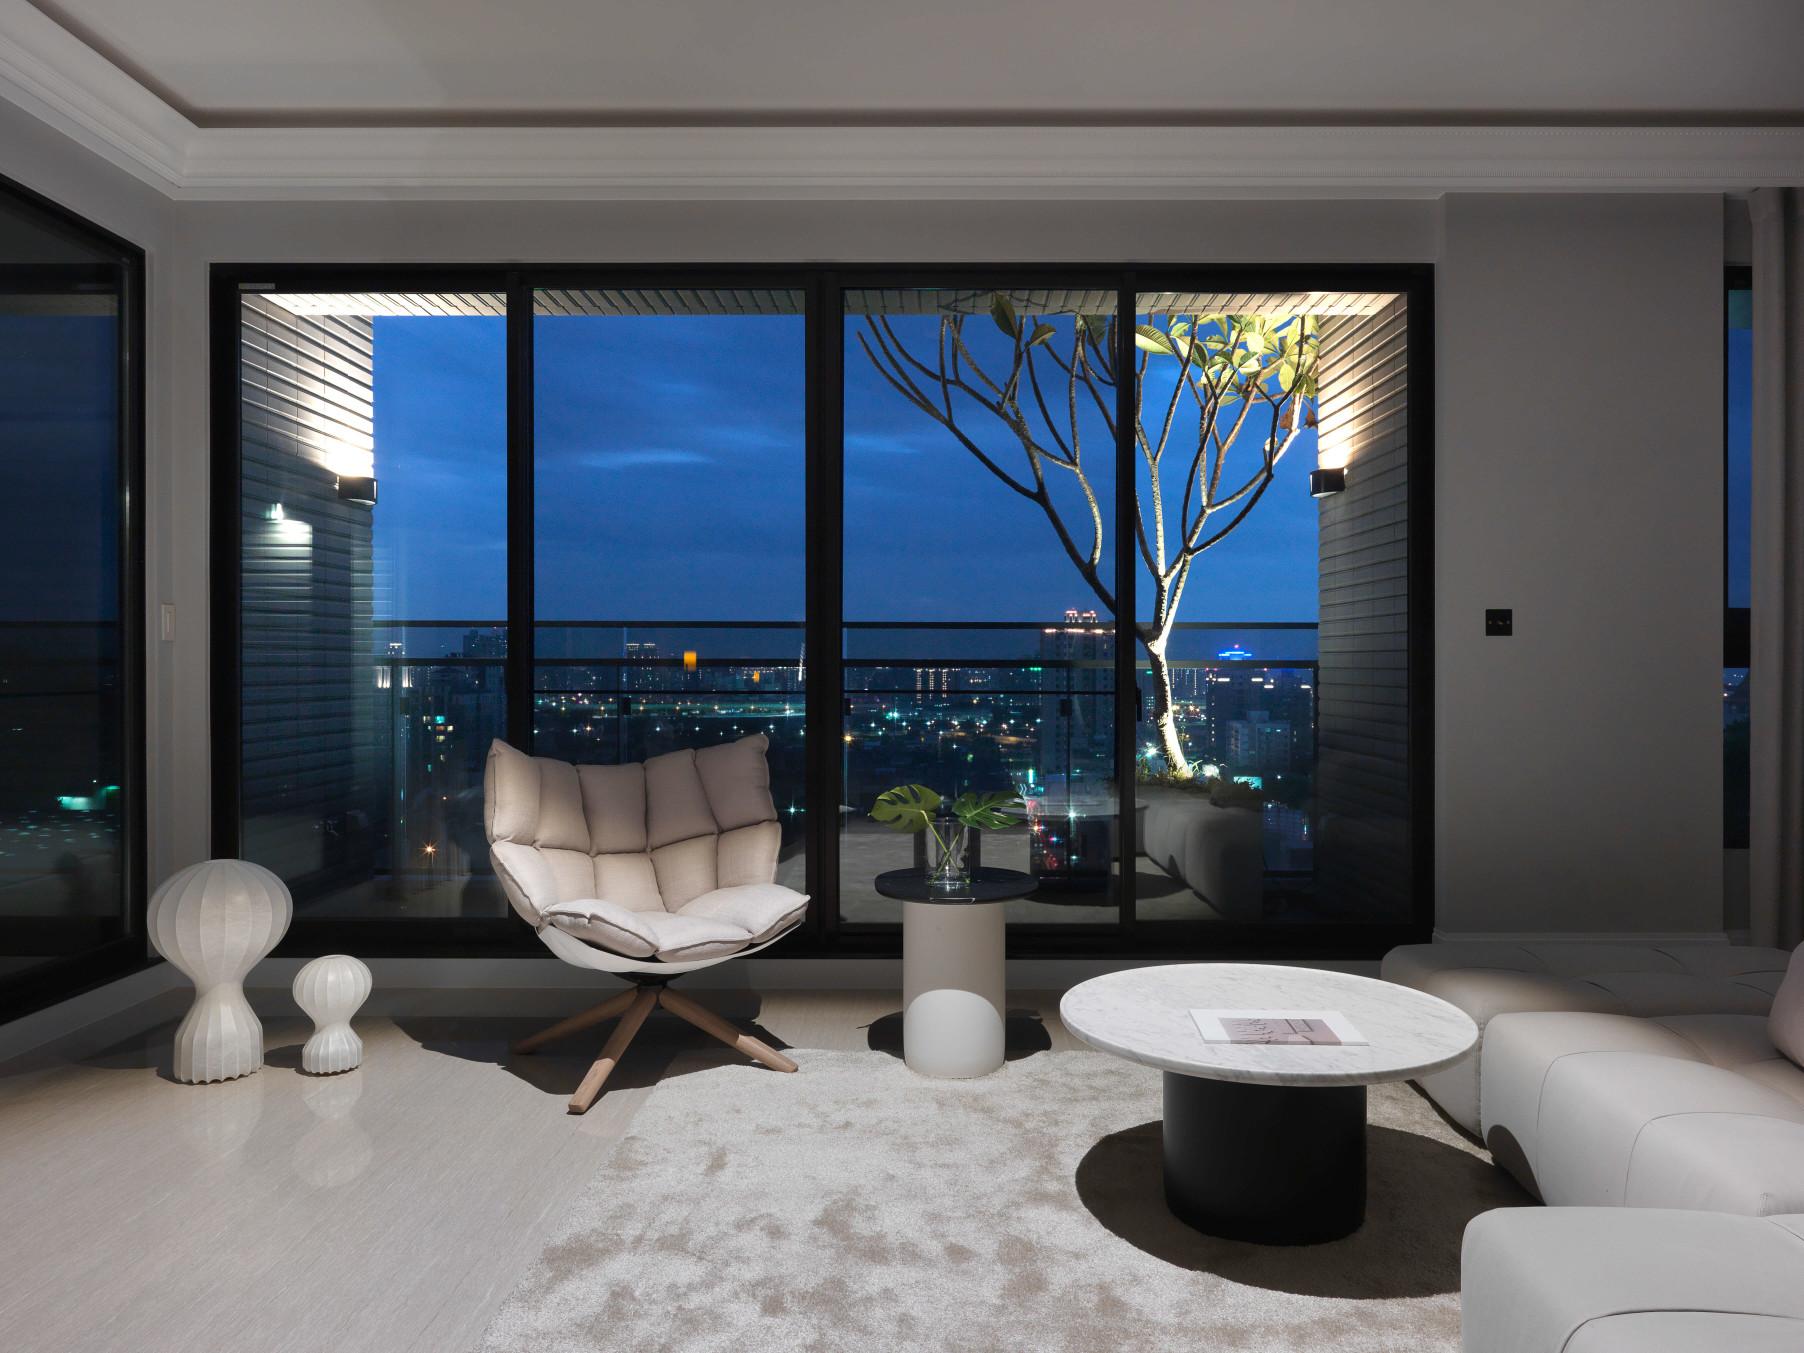 分子室內裝修設計-住宅空間設計作品 Shades of Grey 客廳夜景